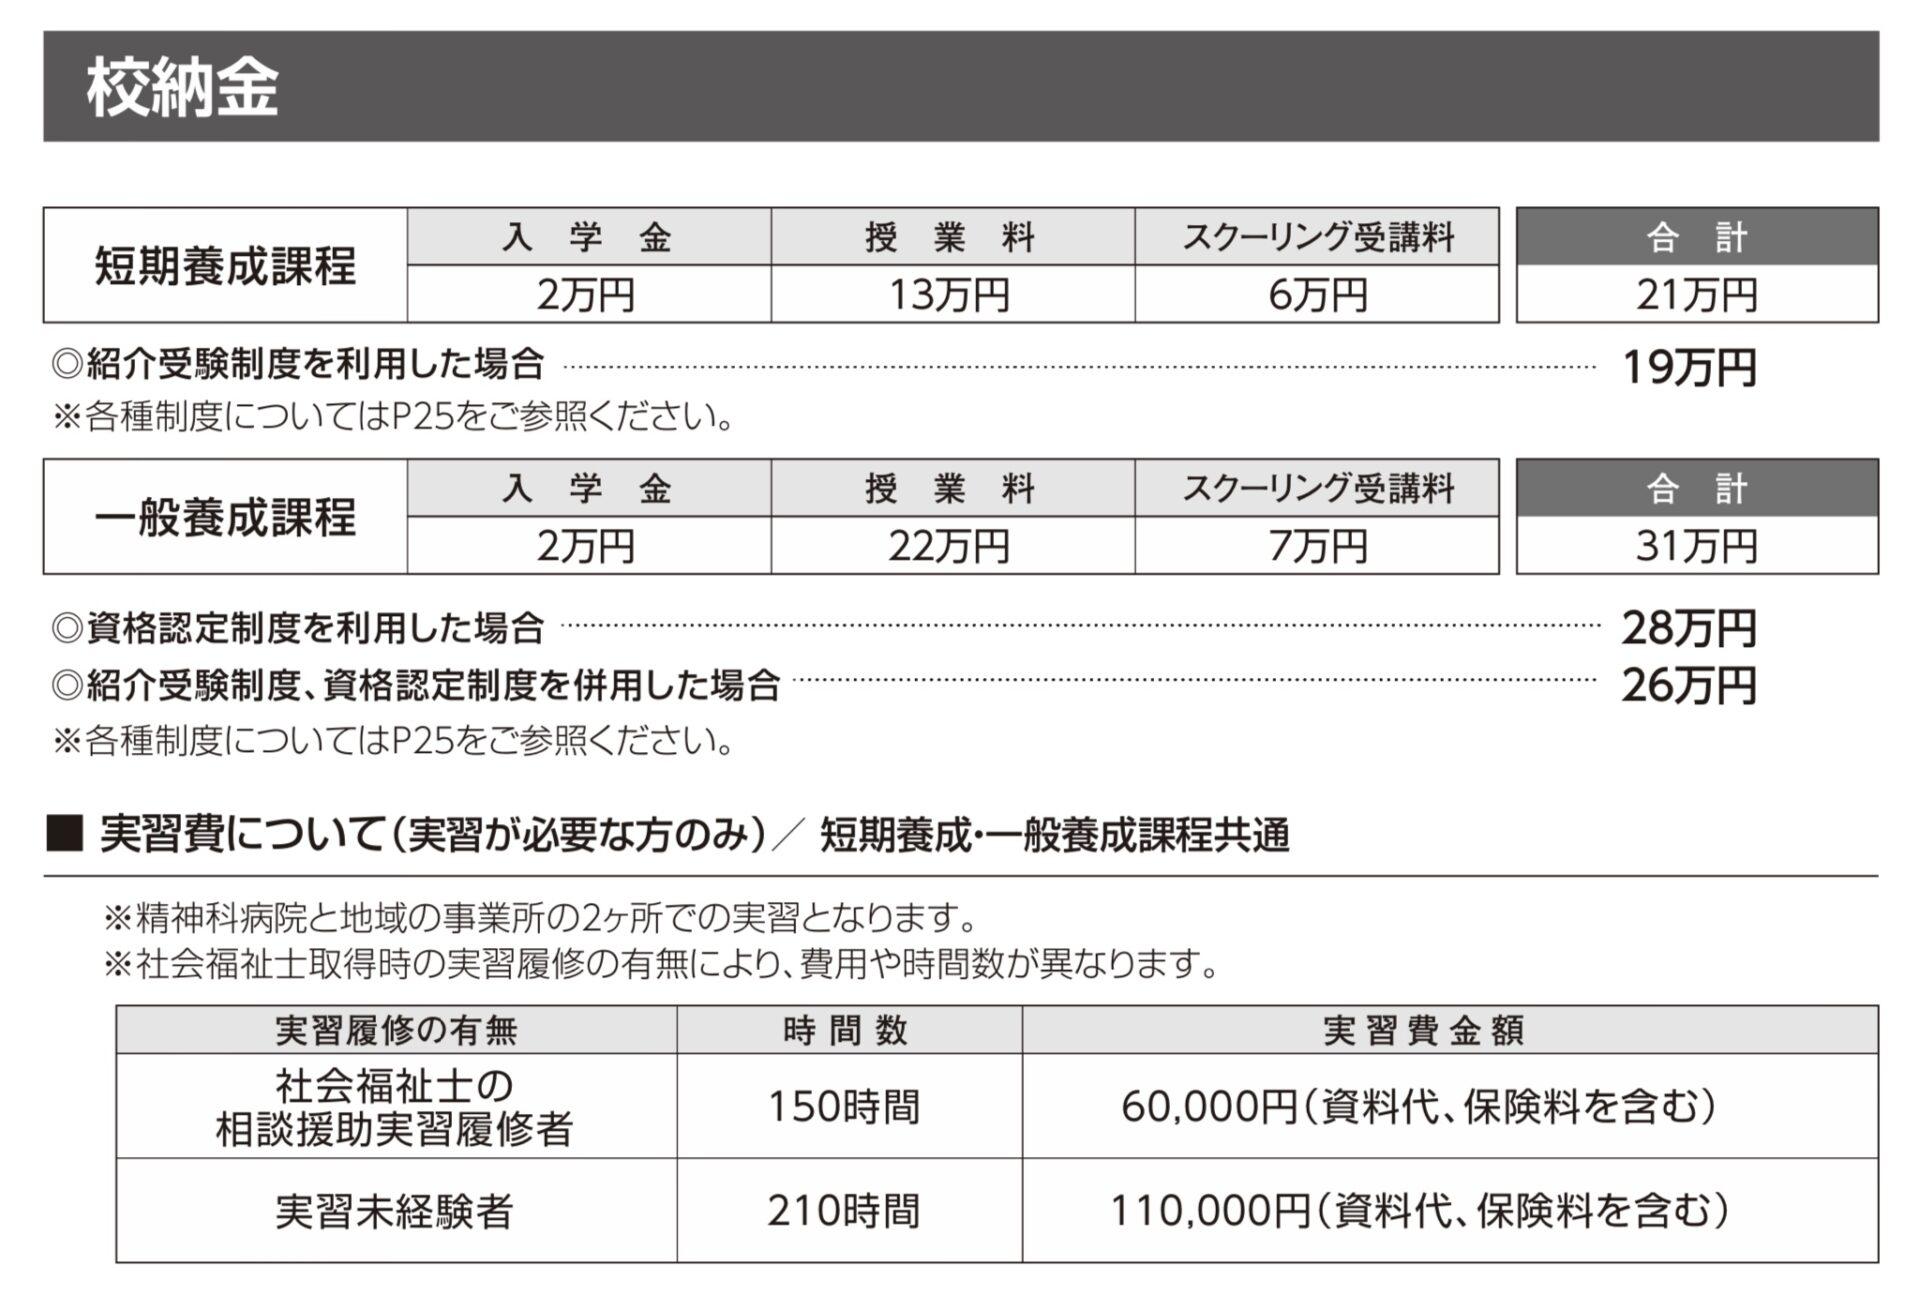 九州医療専門学校学費